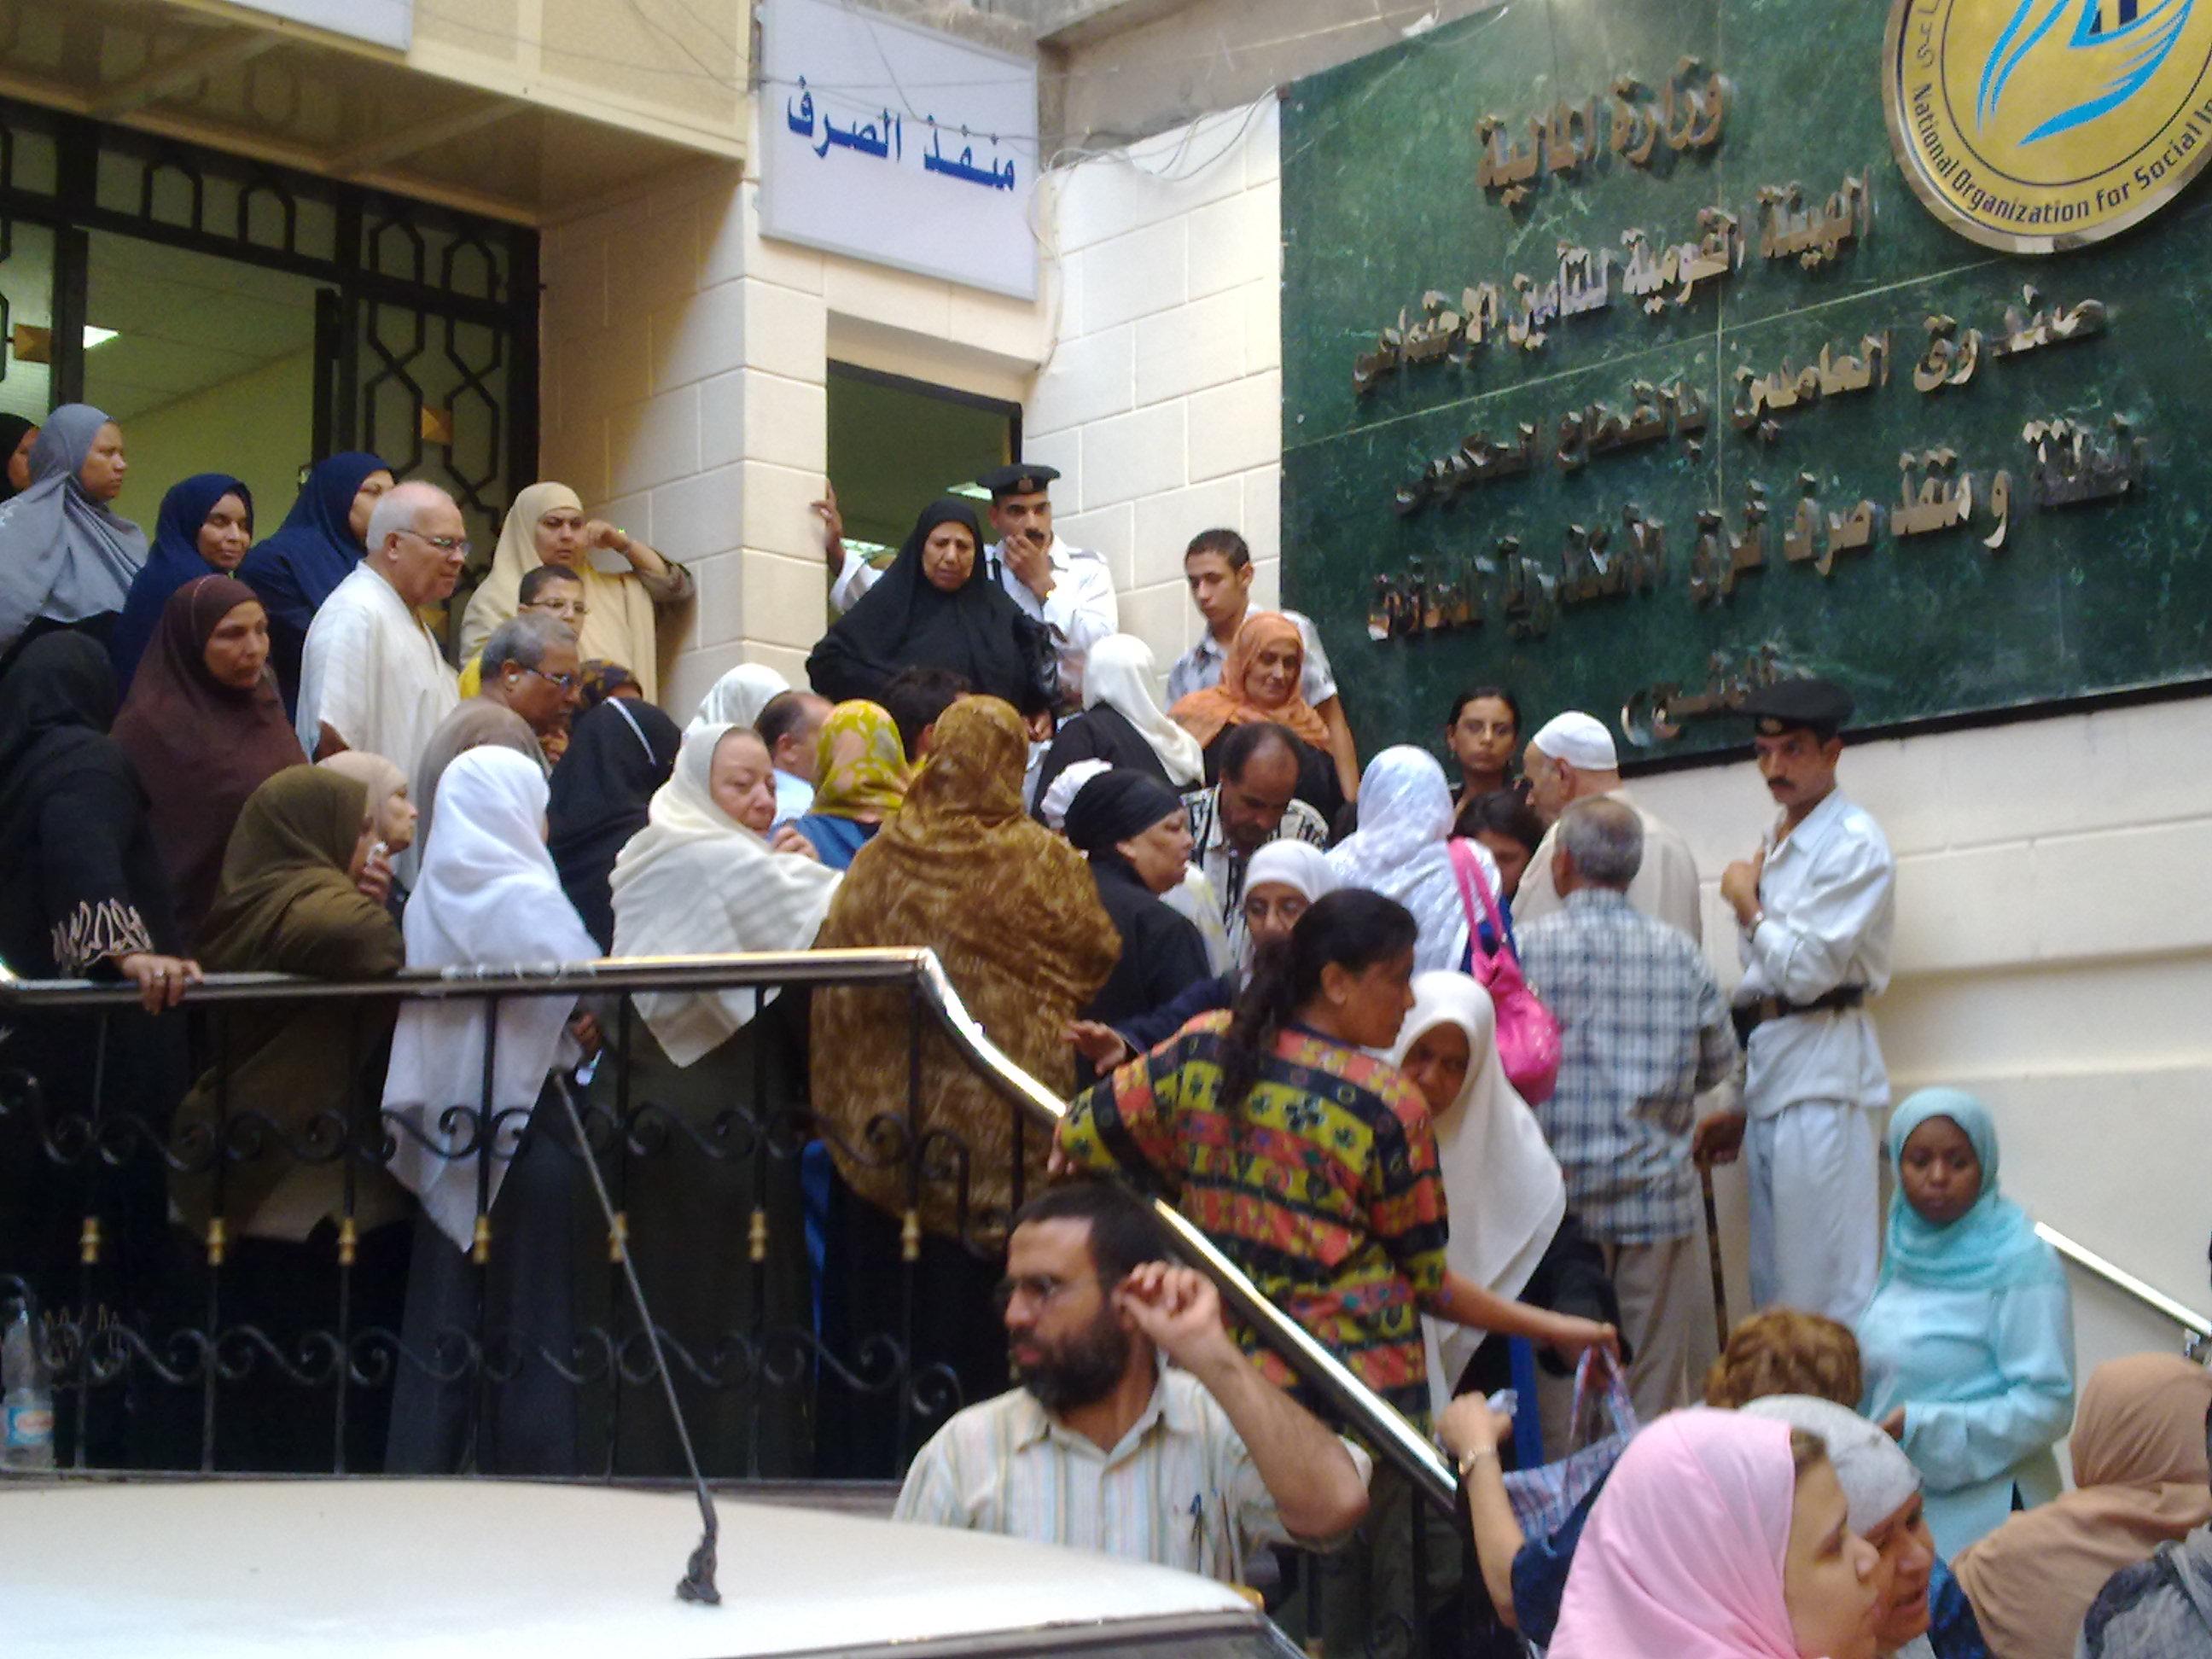 نتيجة مسابقة التأمينات الاجتماعية 2015 كشوف اسماء المقبولين والفائزين بالوظيفة موقع nosi.gov.eg